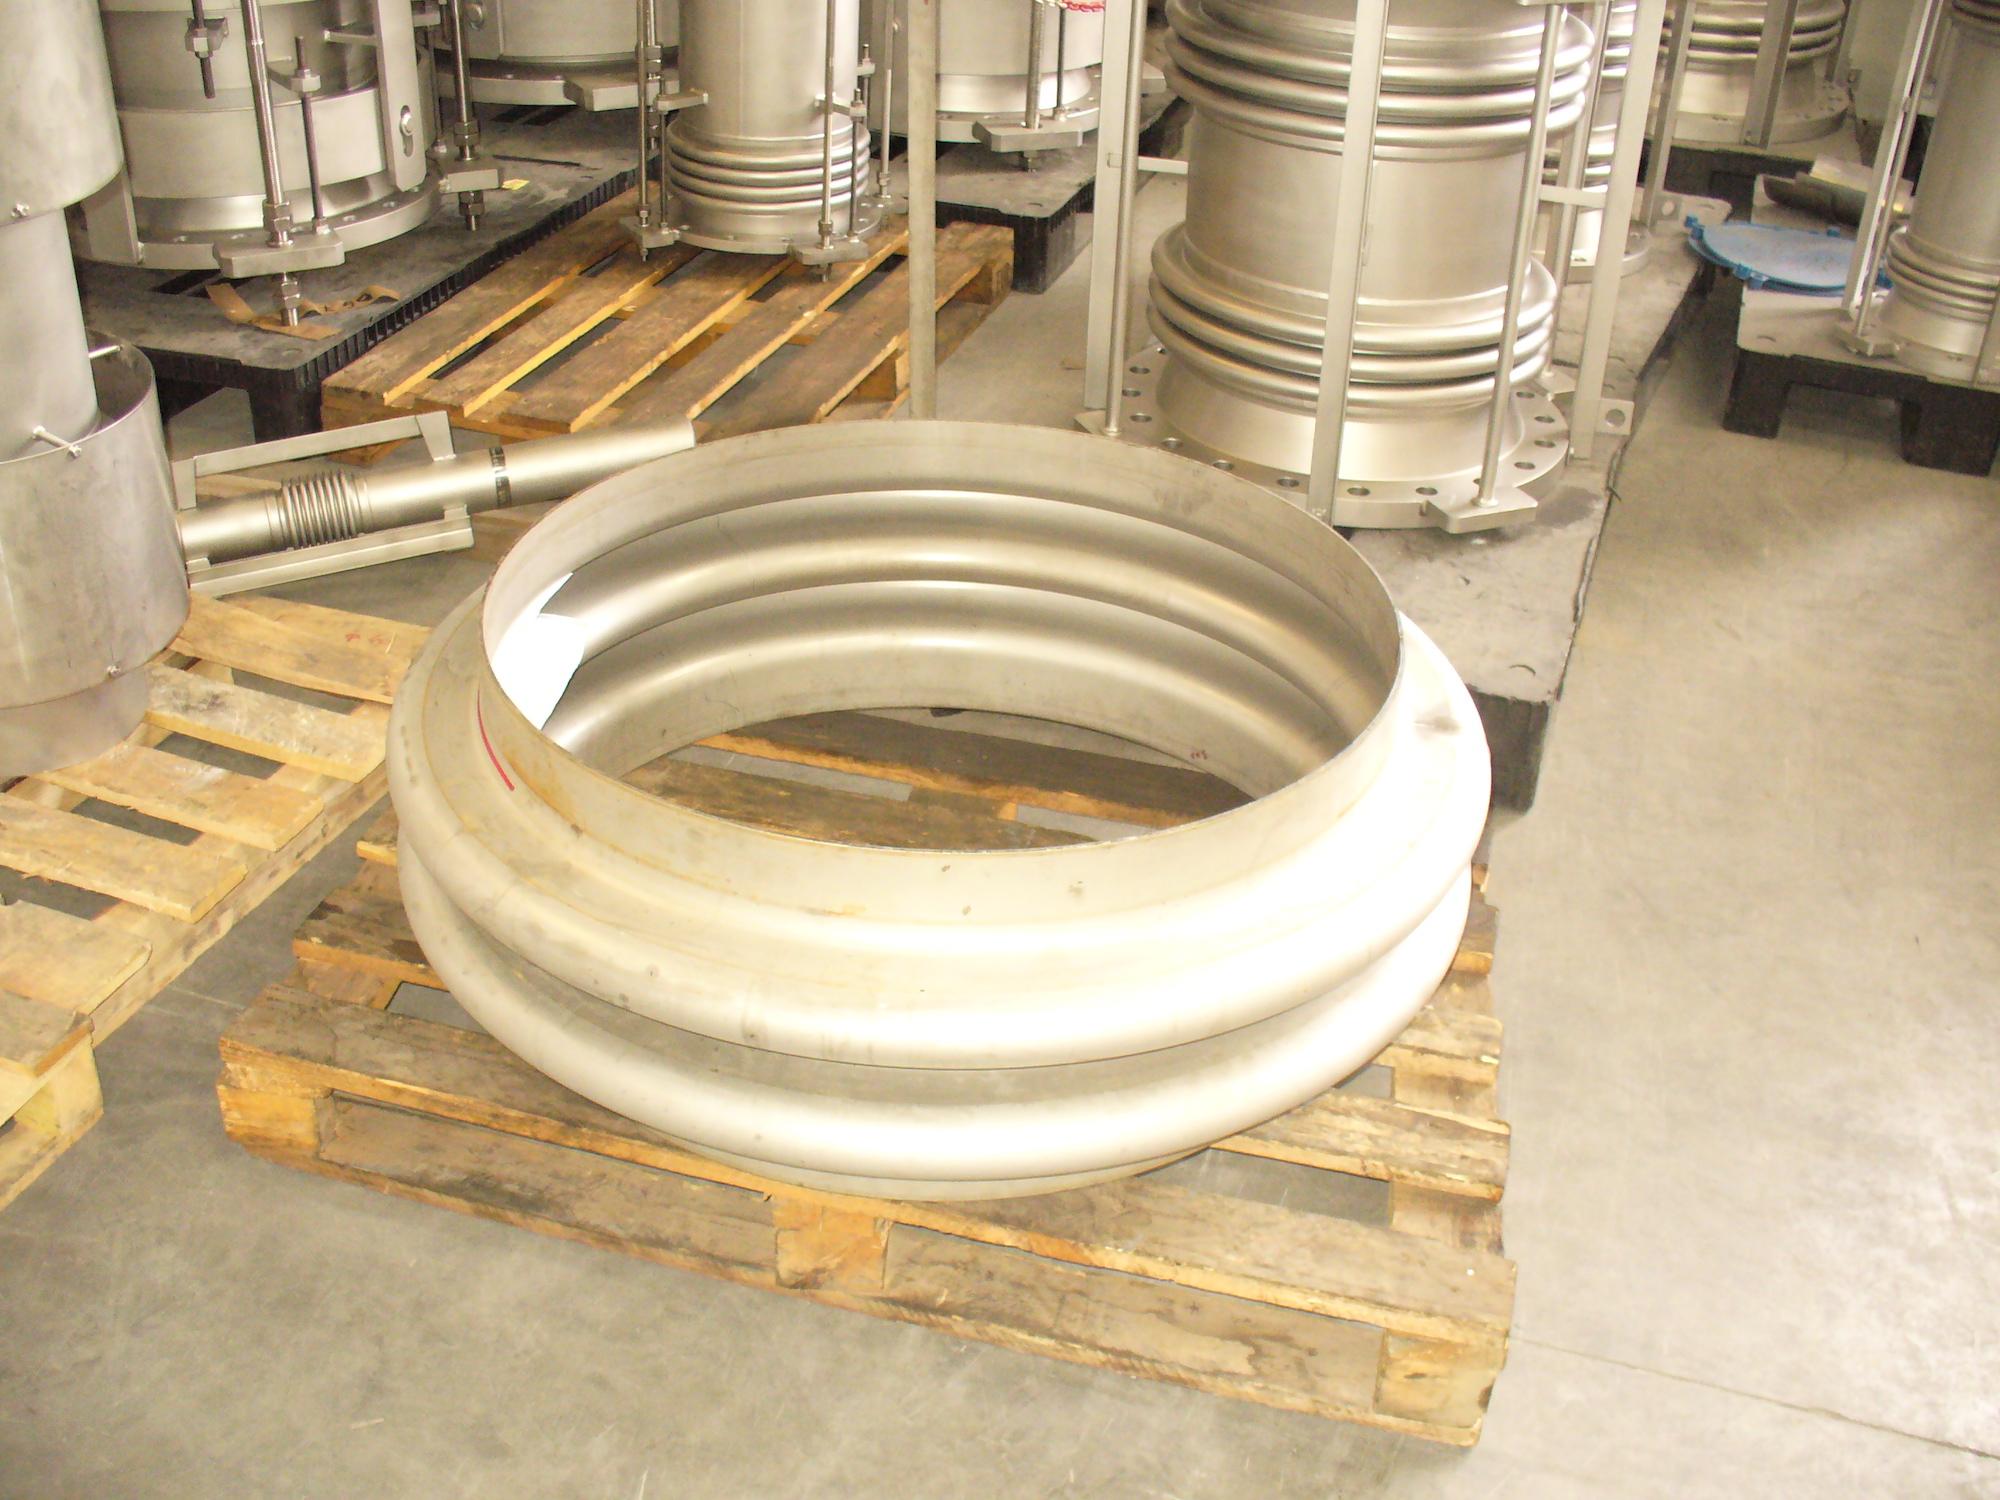 LA2204 - Shell, Procurement - Bellows (2007-07-24)